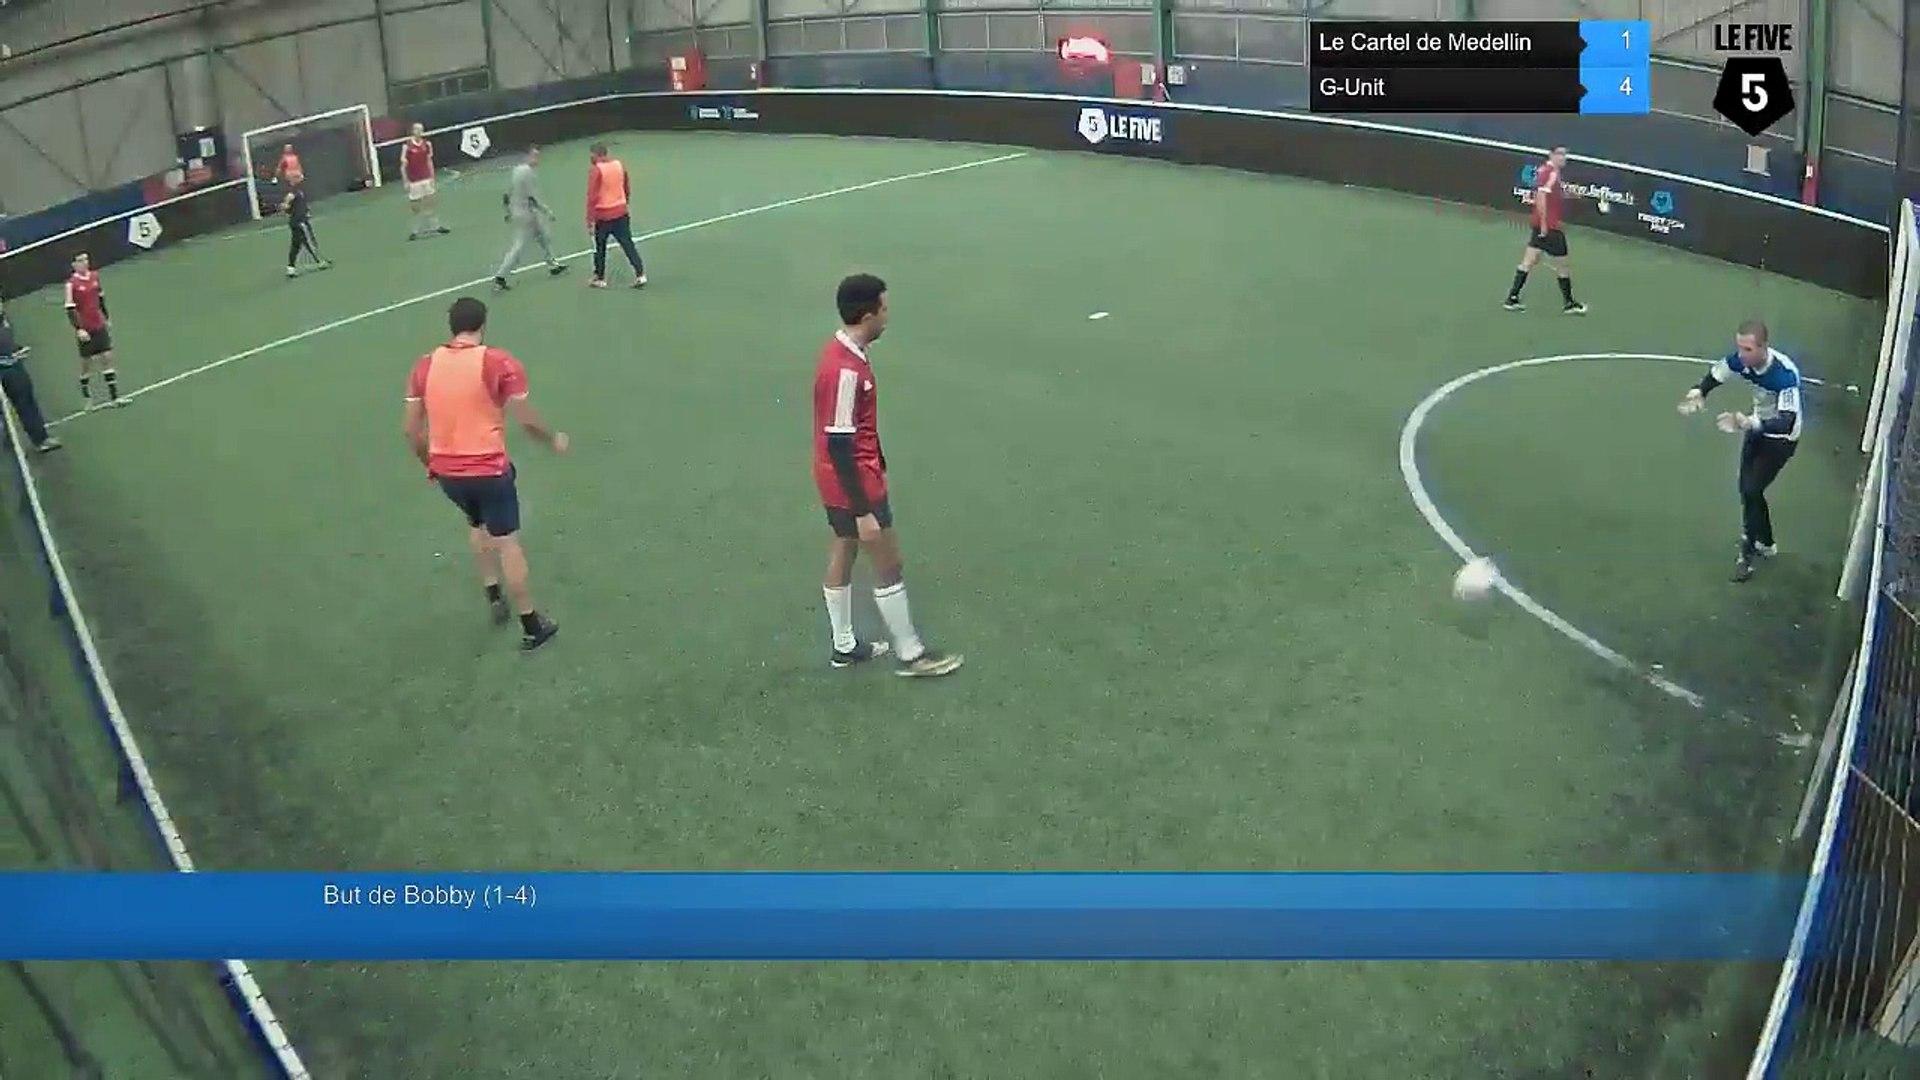 But de Bobby (1-4) - Le Cartel de Medellin Vs G-Unit - 28/11/16 21:00 - Bezons (LeFive) Soccer Park